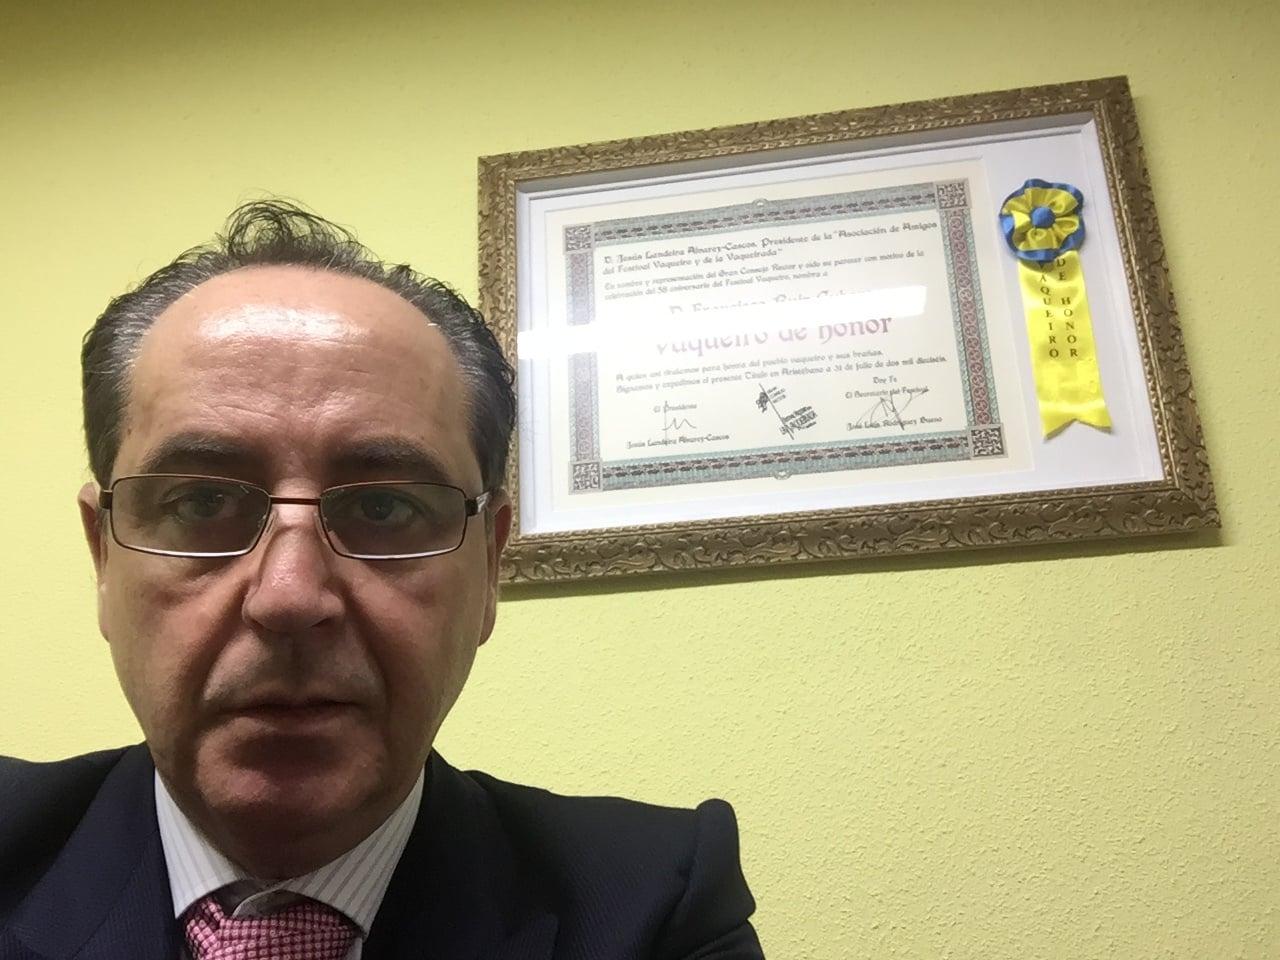 Defensa y asesoría legal para hacer valer tus derechos - CUBERO ABOGADOS. Francisco Ruiz Cubero y Begoña García Navarro, abogados en Alcalá de Henares, Madrid.